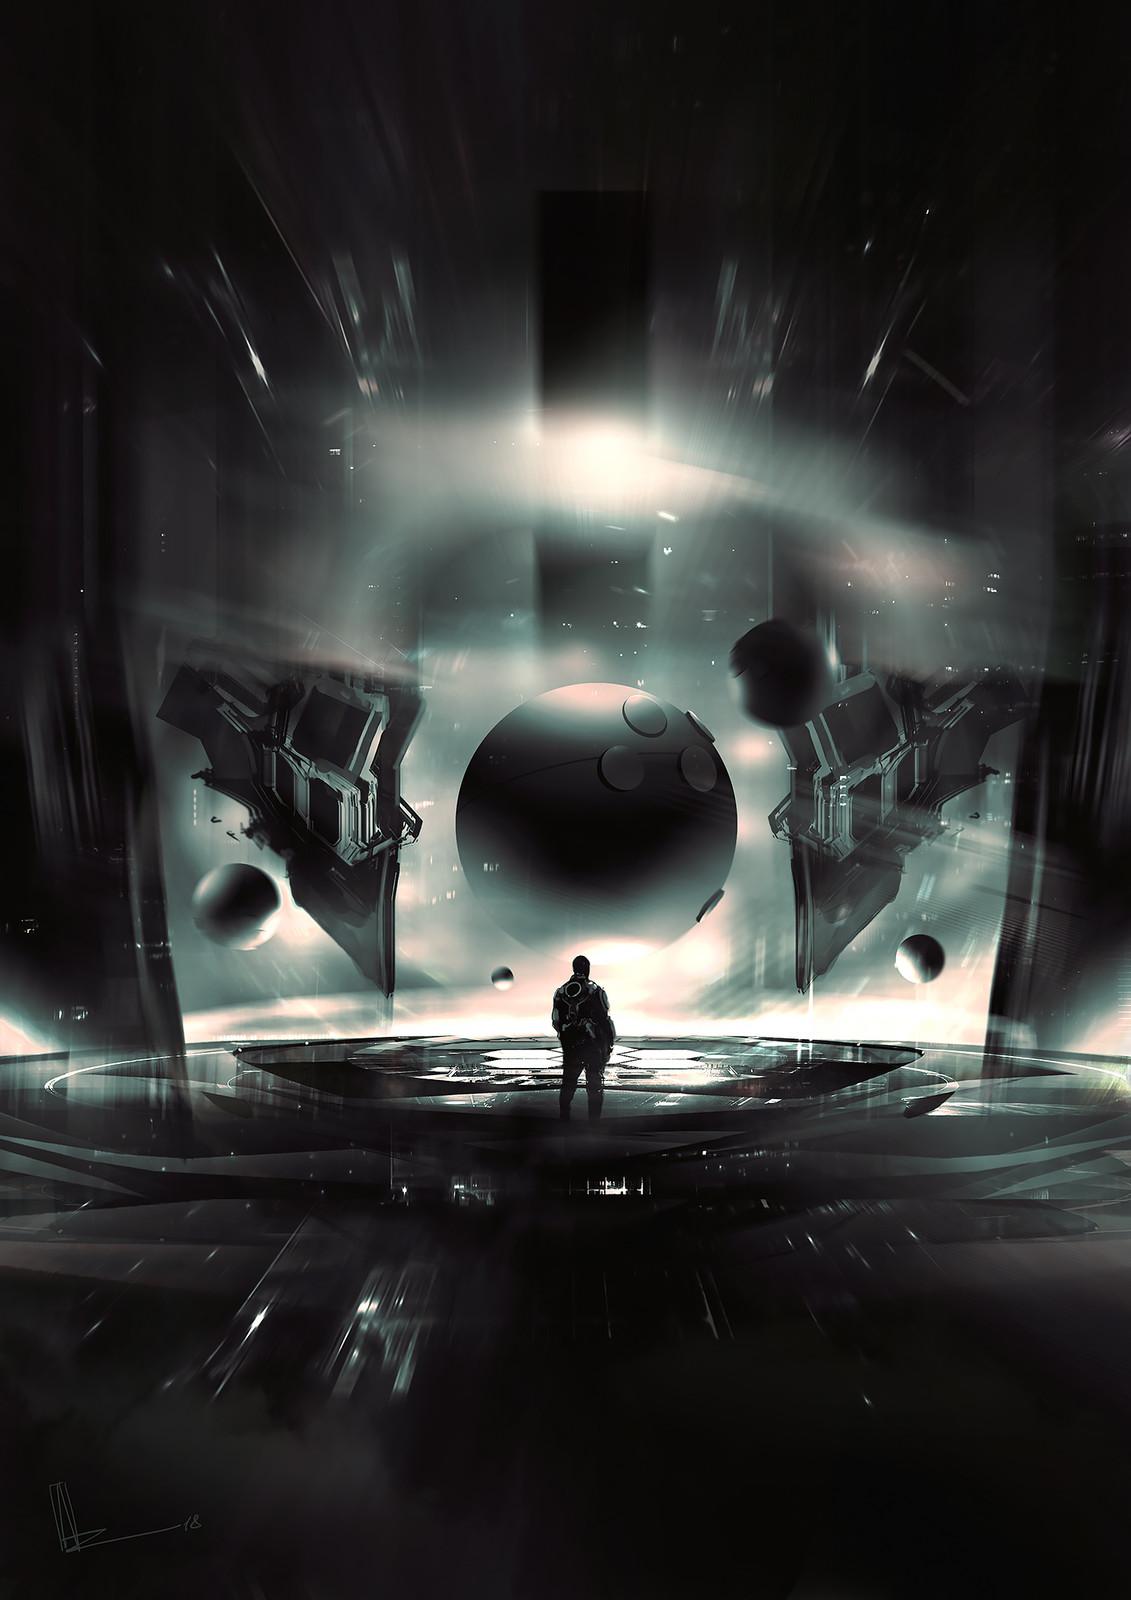 Infosapien: Chapter II Cover art